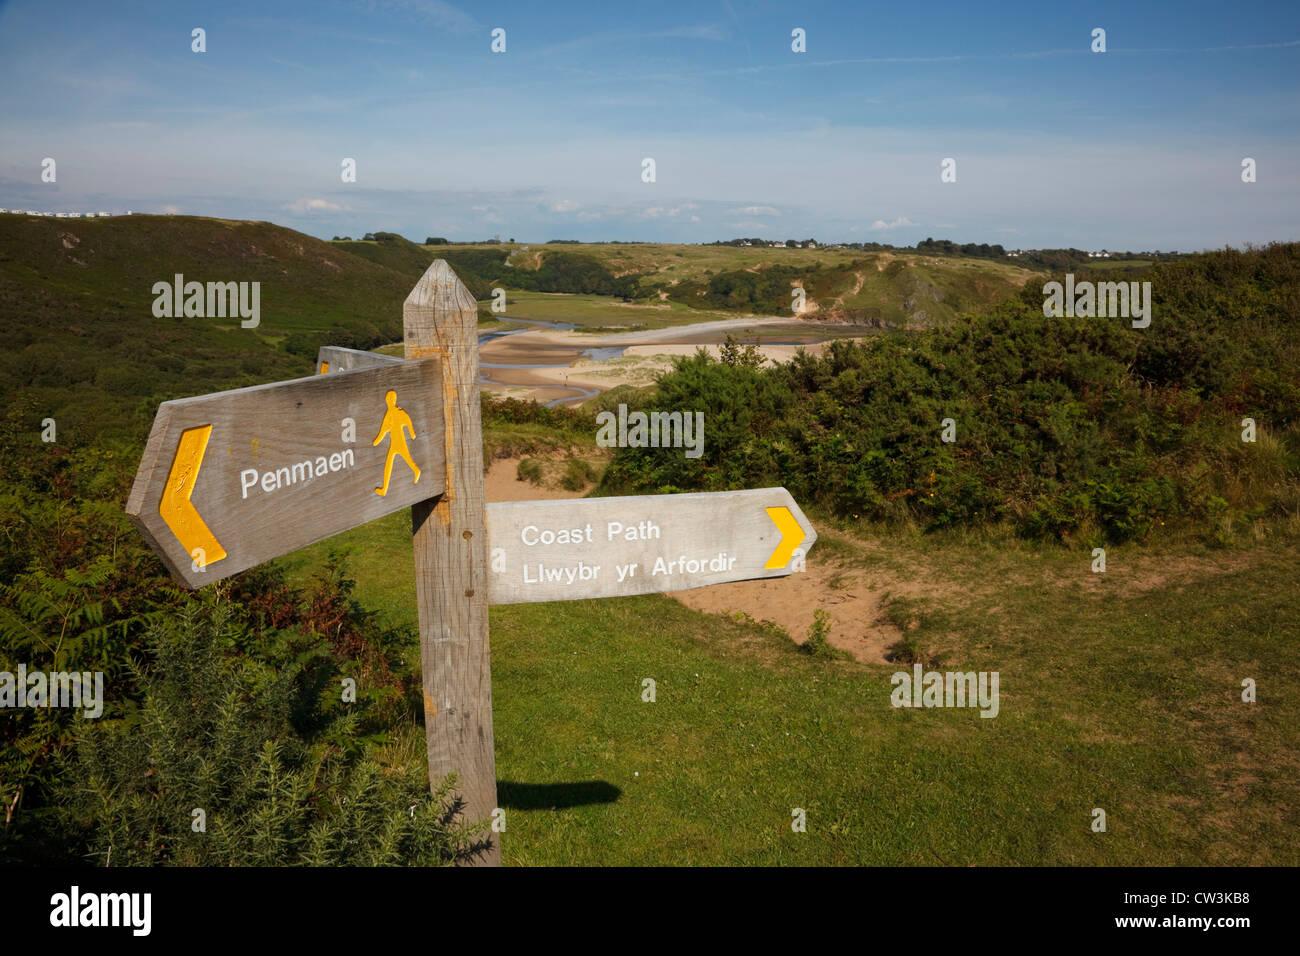 Wales Coast Path signpost at Three Cliffs Bay, gower Peninsula, Wales. - Stock Image